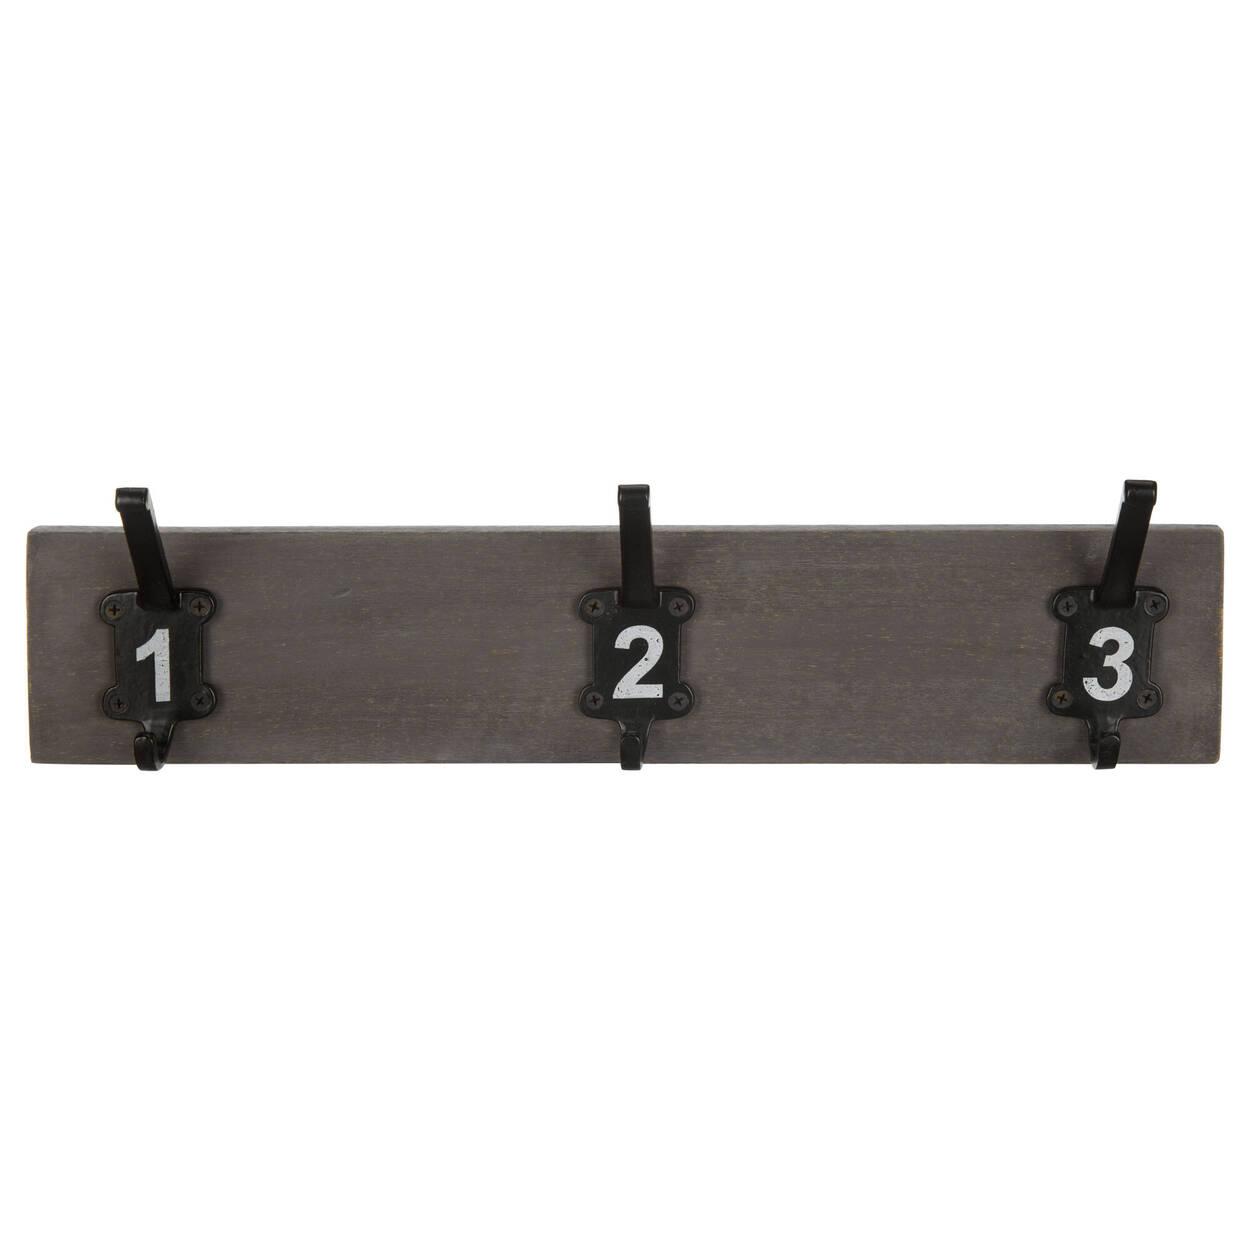 Ensemble de 3 crochets numérotés sur planche de bois